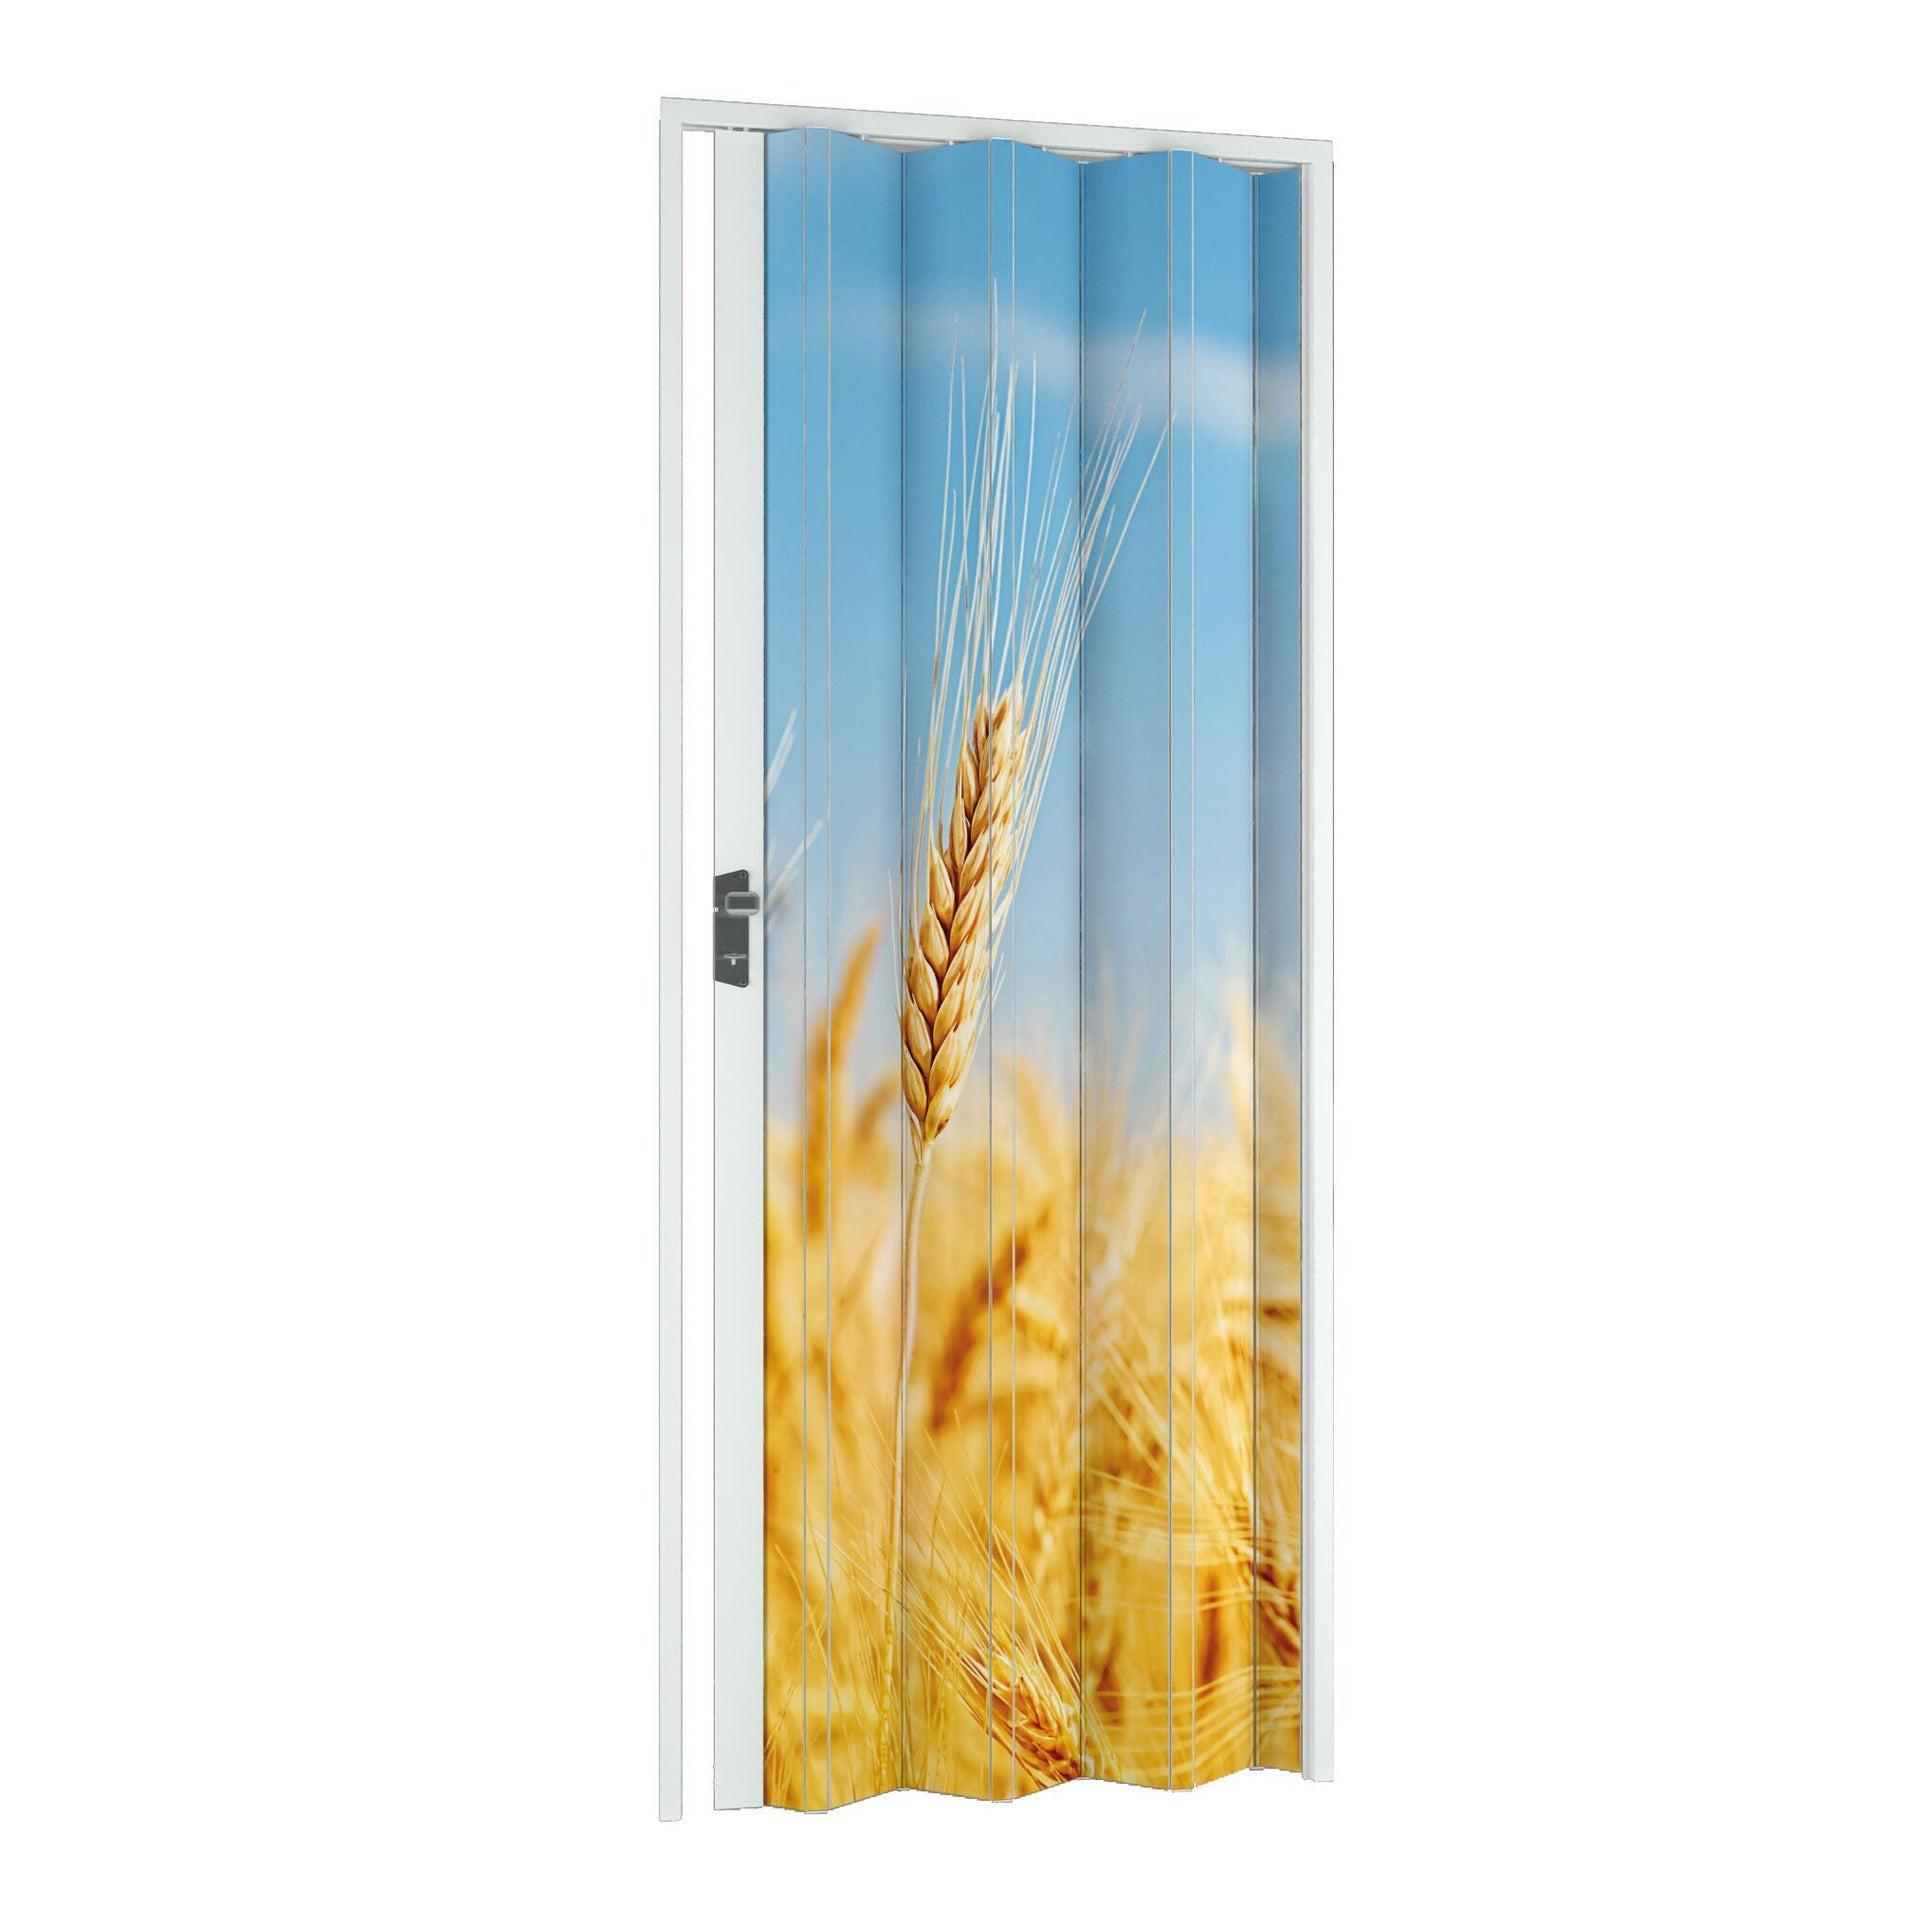 Porta a soffietto Grain in pvc multicolore L 102 x H 214 cm